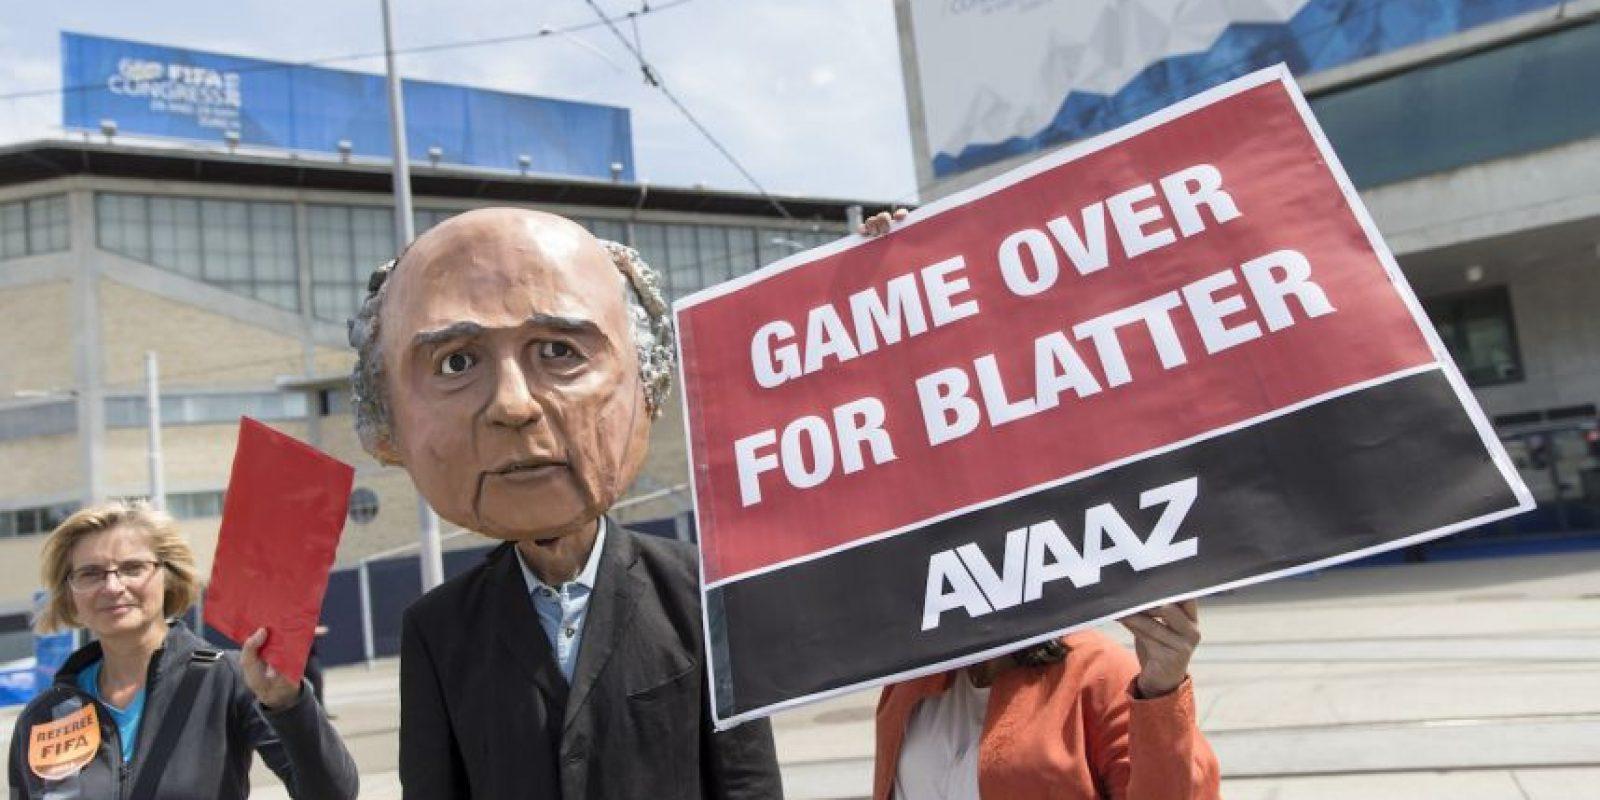 Esto a pesar de las acusaciones de soborno, lavado de dinero y asociación delictiva de altos mandos de la FIFA detenidos esta semana. Foto:Getty Images